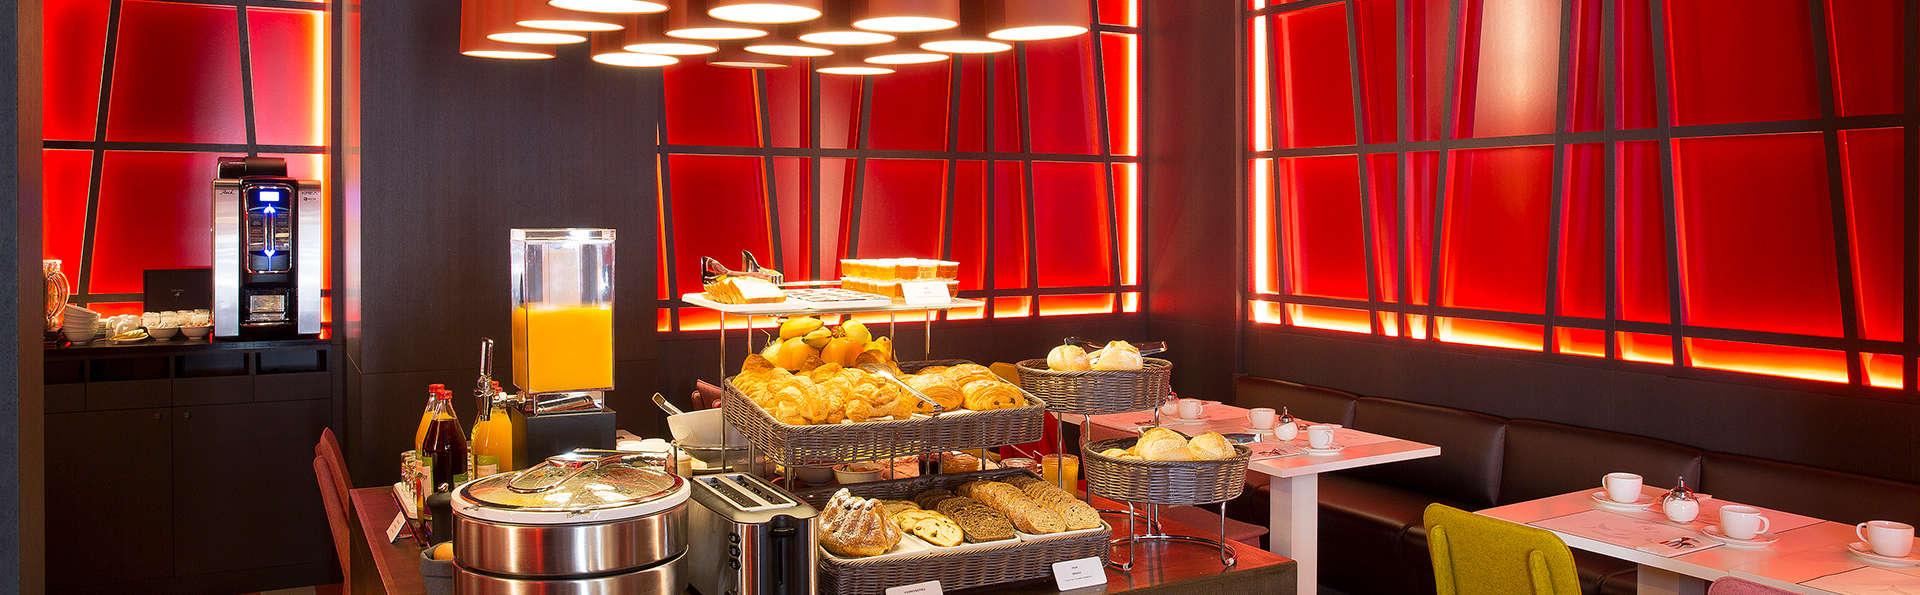 Hôtel D - Strasbourg - edit_breakfast.jpg